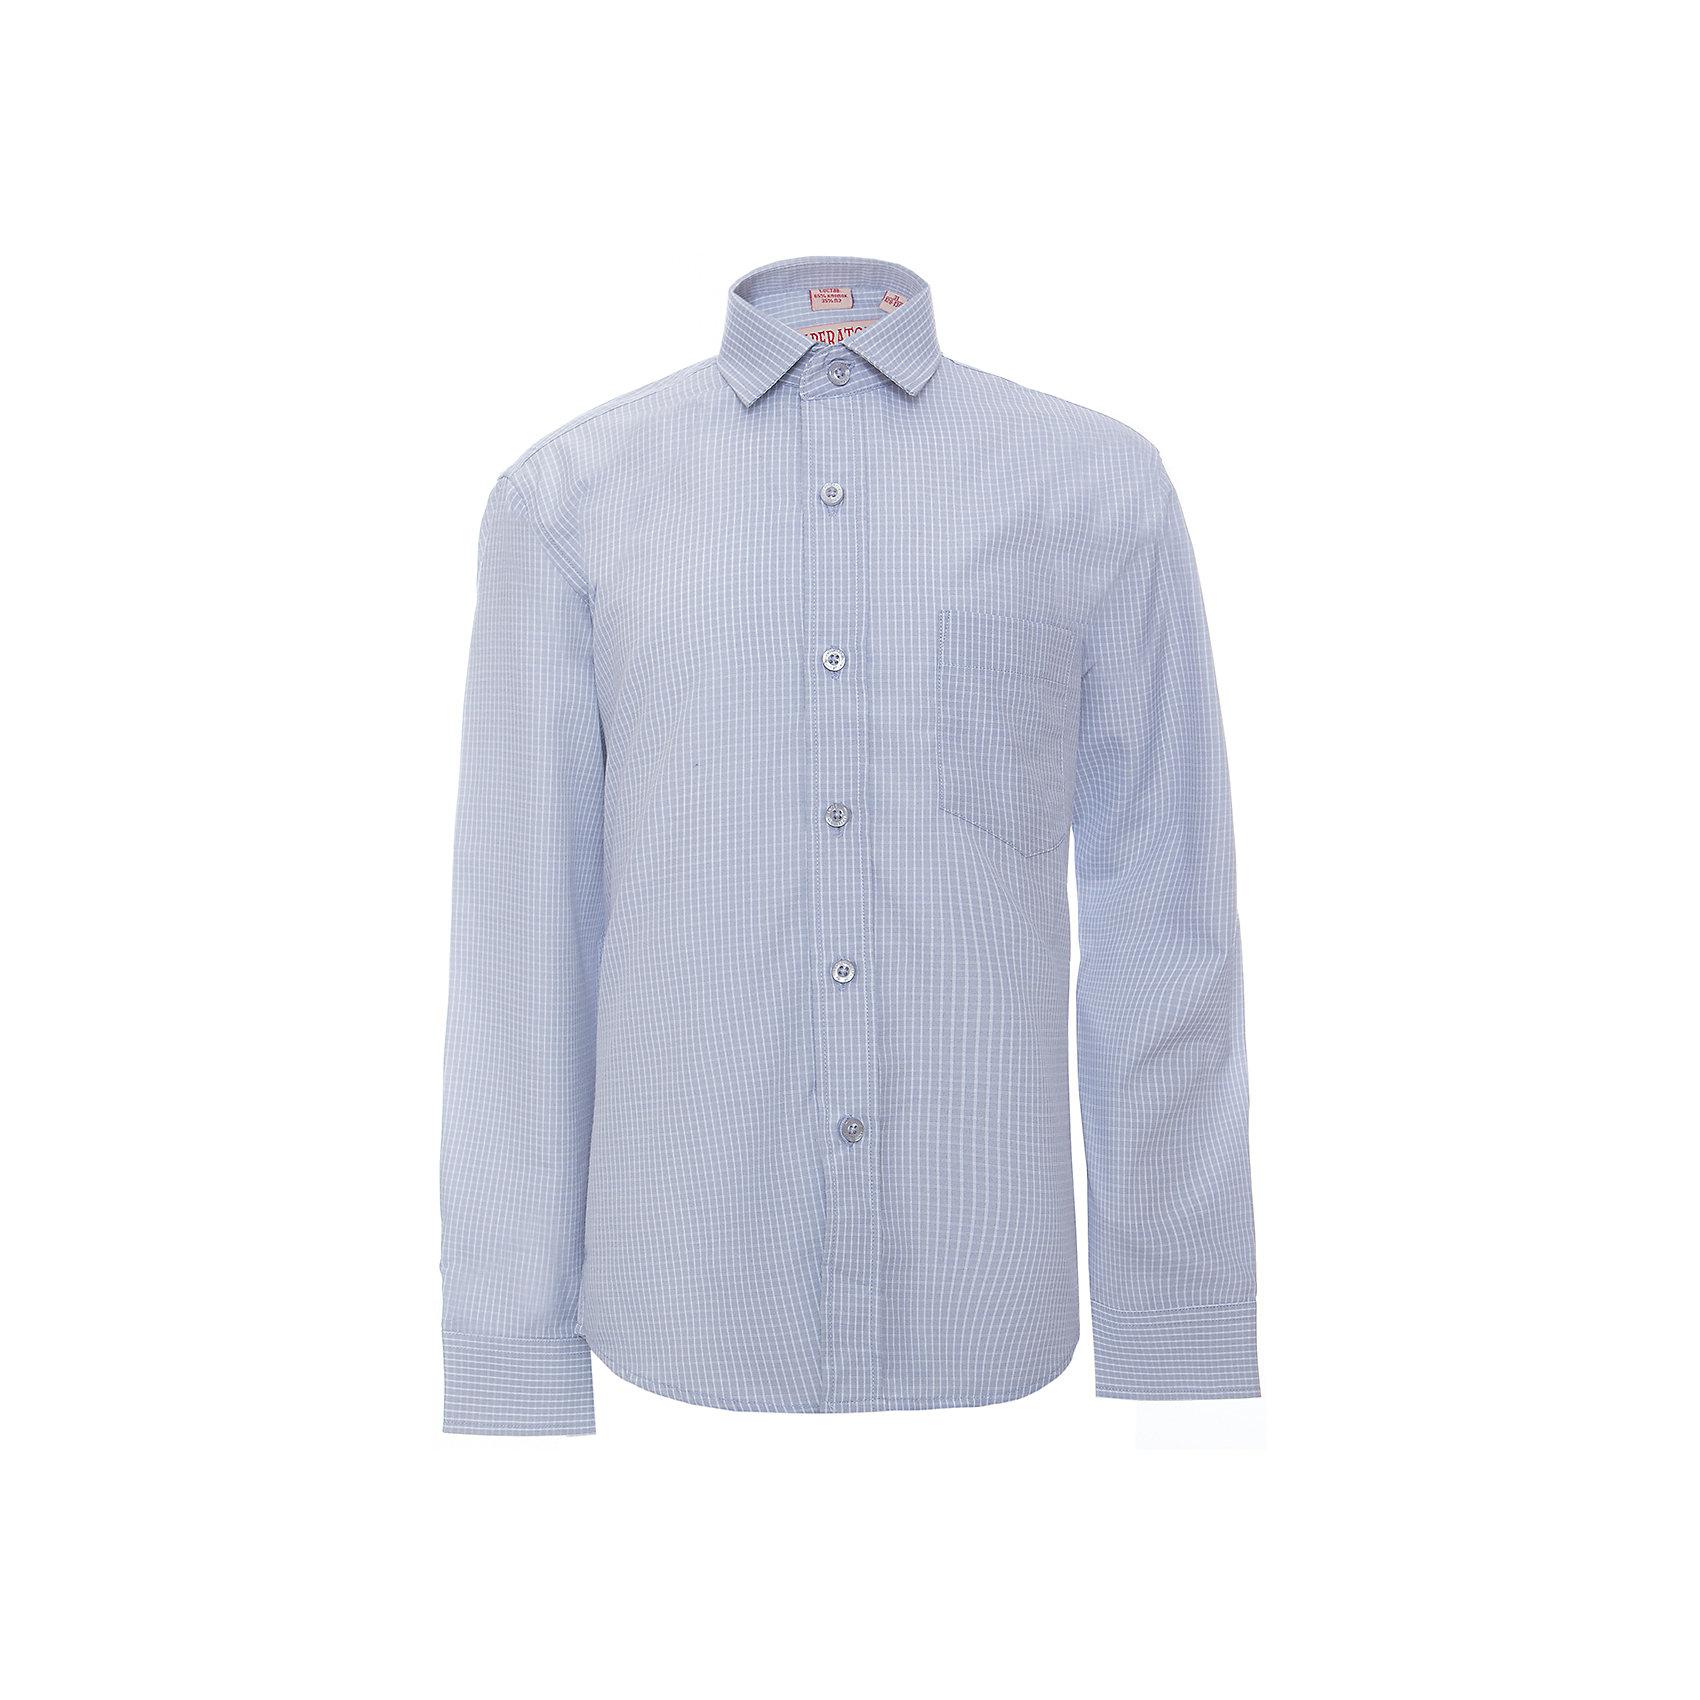 Рубашка для мальчика ImperatorБлузки и рубашки<br>Классическая рубашка - неотьемлемая вещь в гардеробе. Модель на пуговицах, с отложным воротником. Свободный покрой не стеснит движений и позволит чувствовать себя комфортно каждый день.  Состав 65 % хл. 35% П/Э<br><br>Ширина мм: 174<br>Глубина мм: 10<br>Высота мм: 169<br>Вес г: 157<br>Цвет: голубой<br>Возраст от месяцев: 96<br>Возраст до месяцев: 108<br>Пол: Мужской<br>Возраст: Детский<br>Размер: 128/134,122/128,134/140,140/146,146/152,152/158,158/164,164/170<br>SKU: 4749425